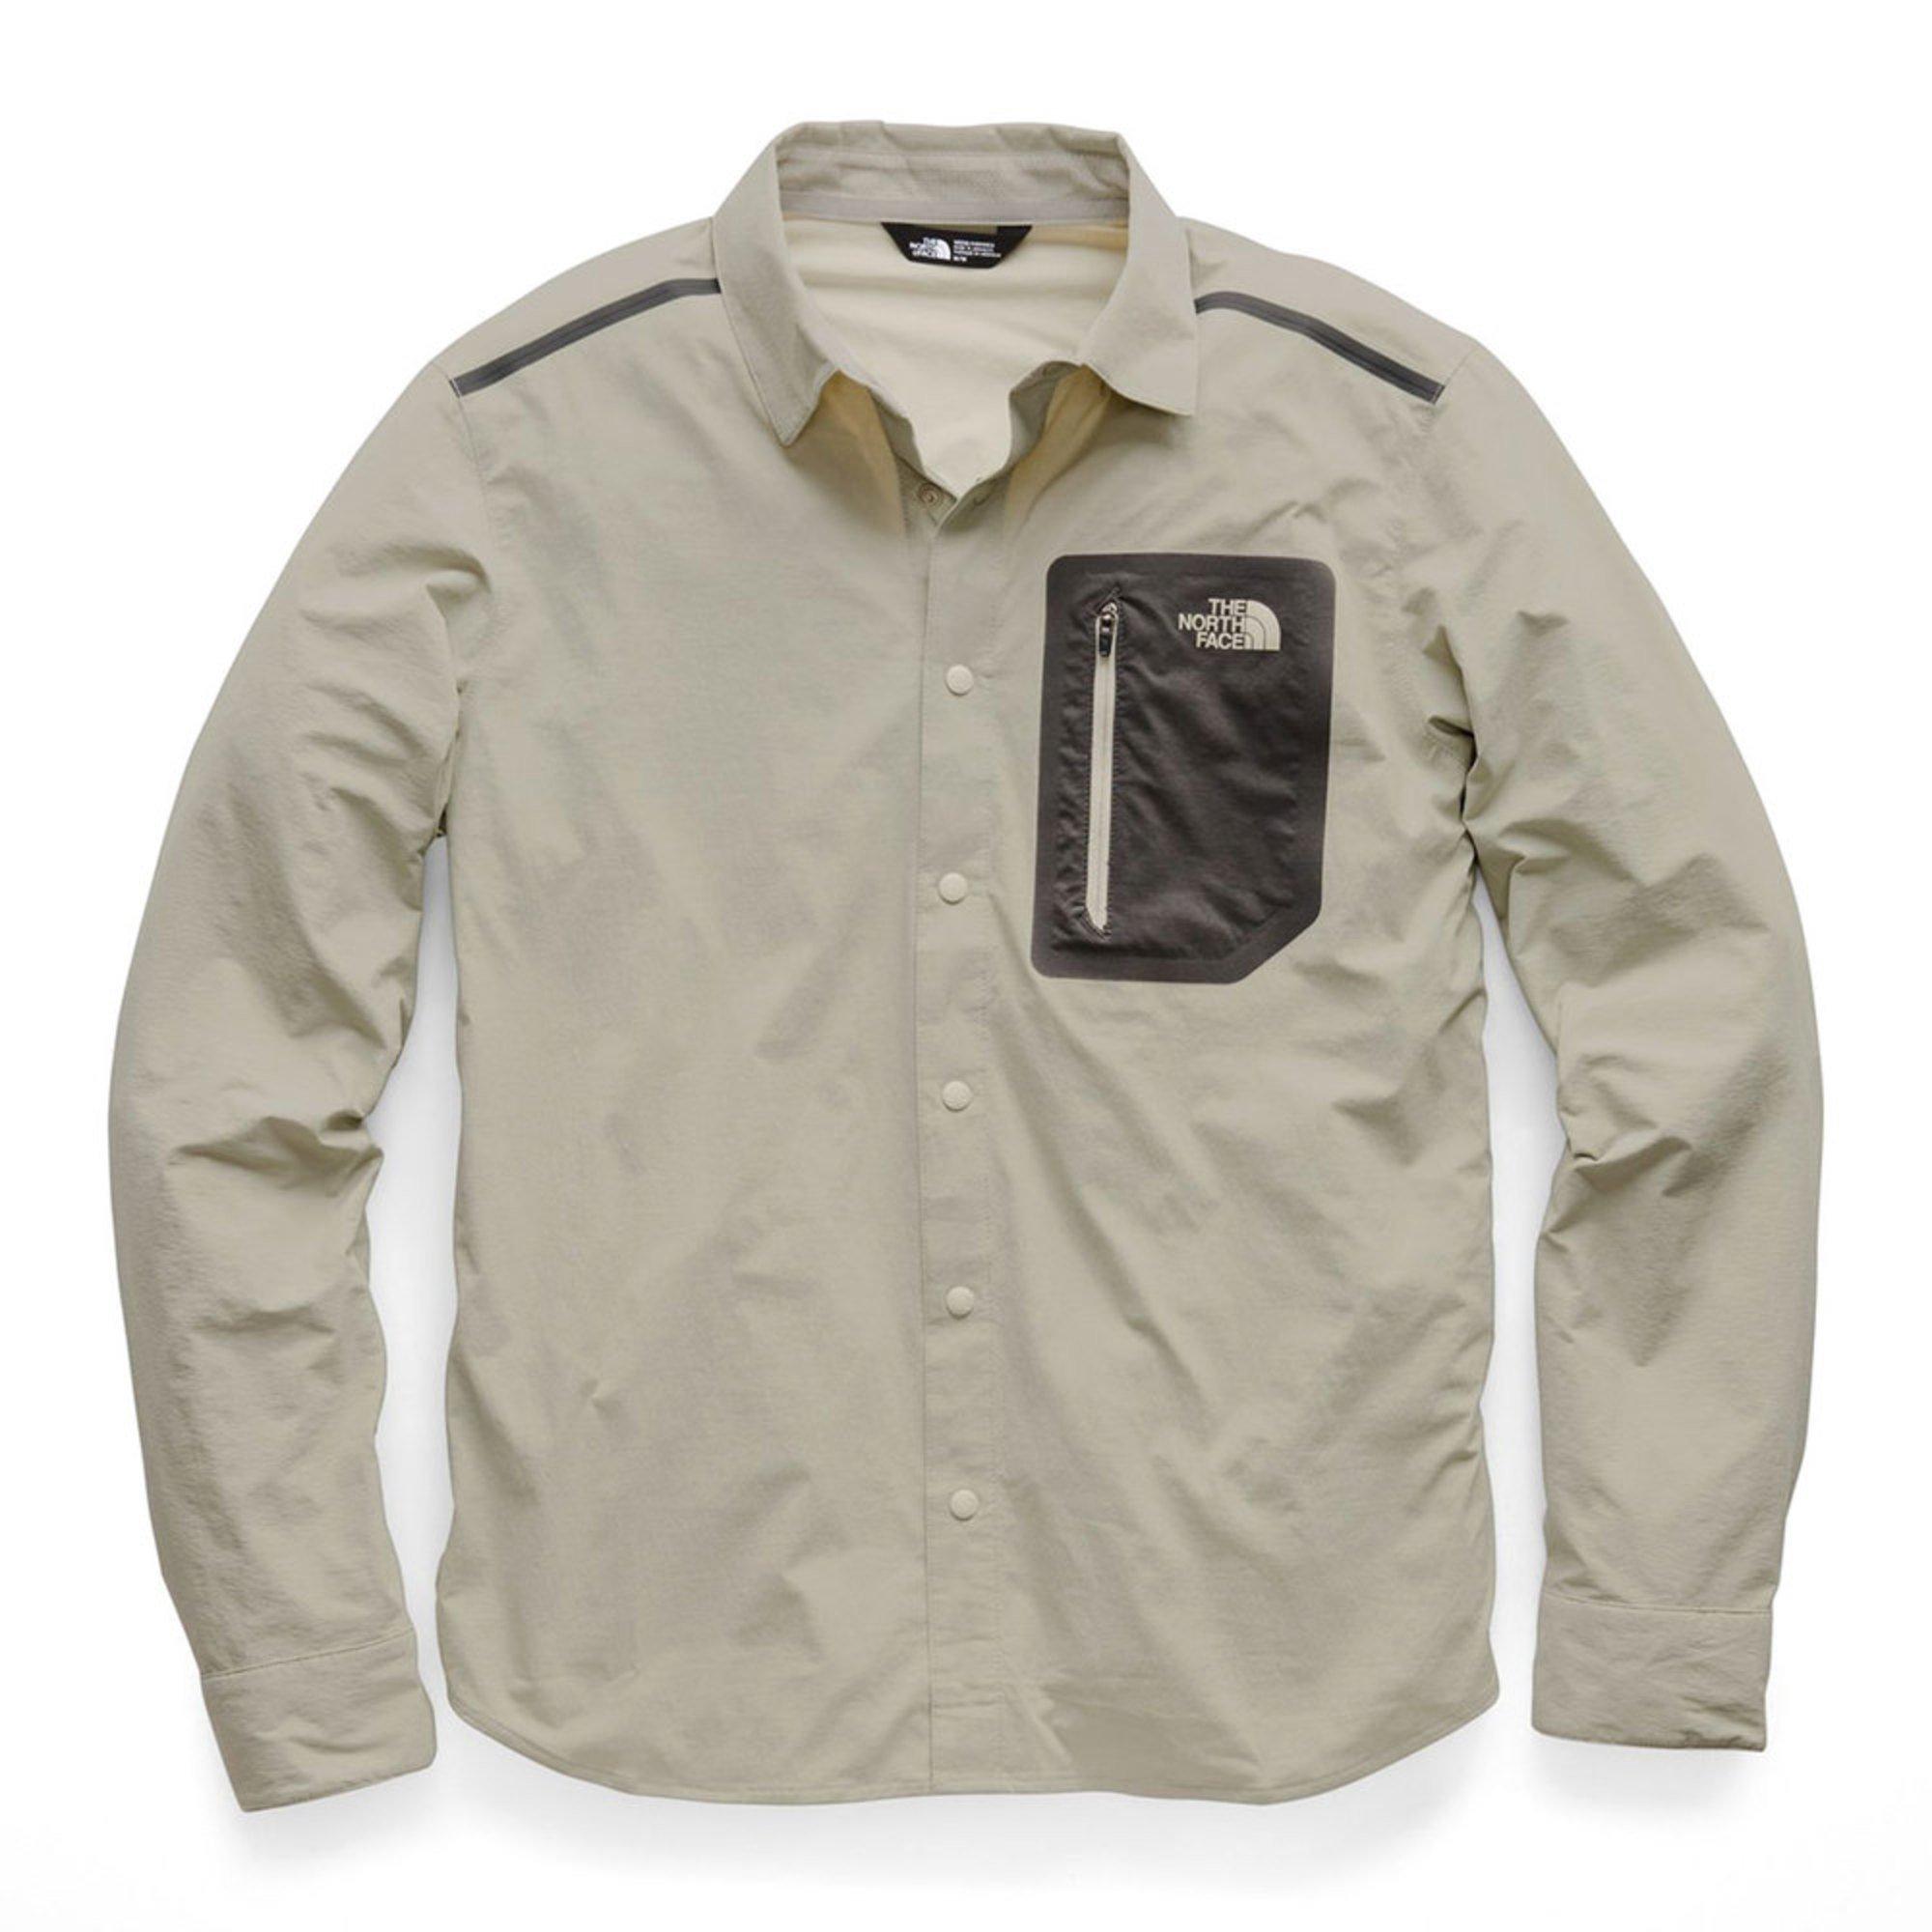 46641e47004 The North Face Men's Alpenbro Long Sleeve Woven Shirt